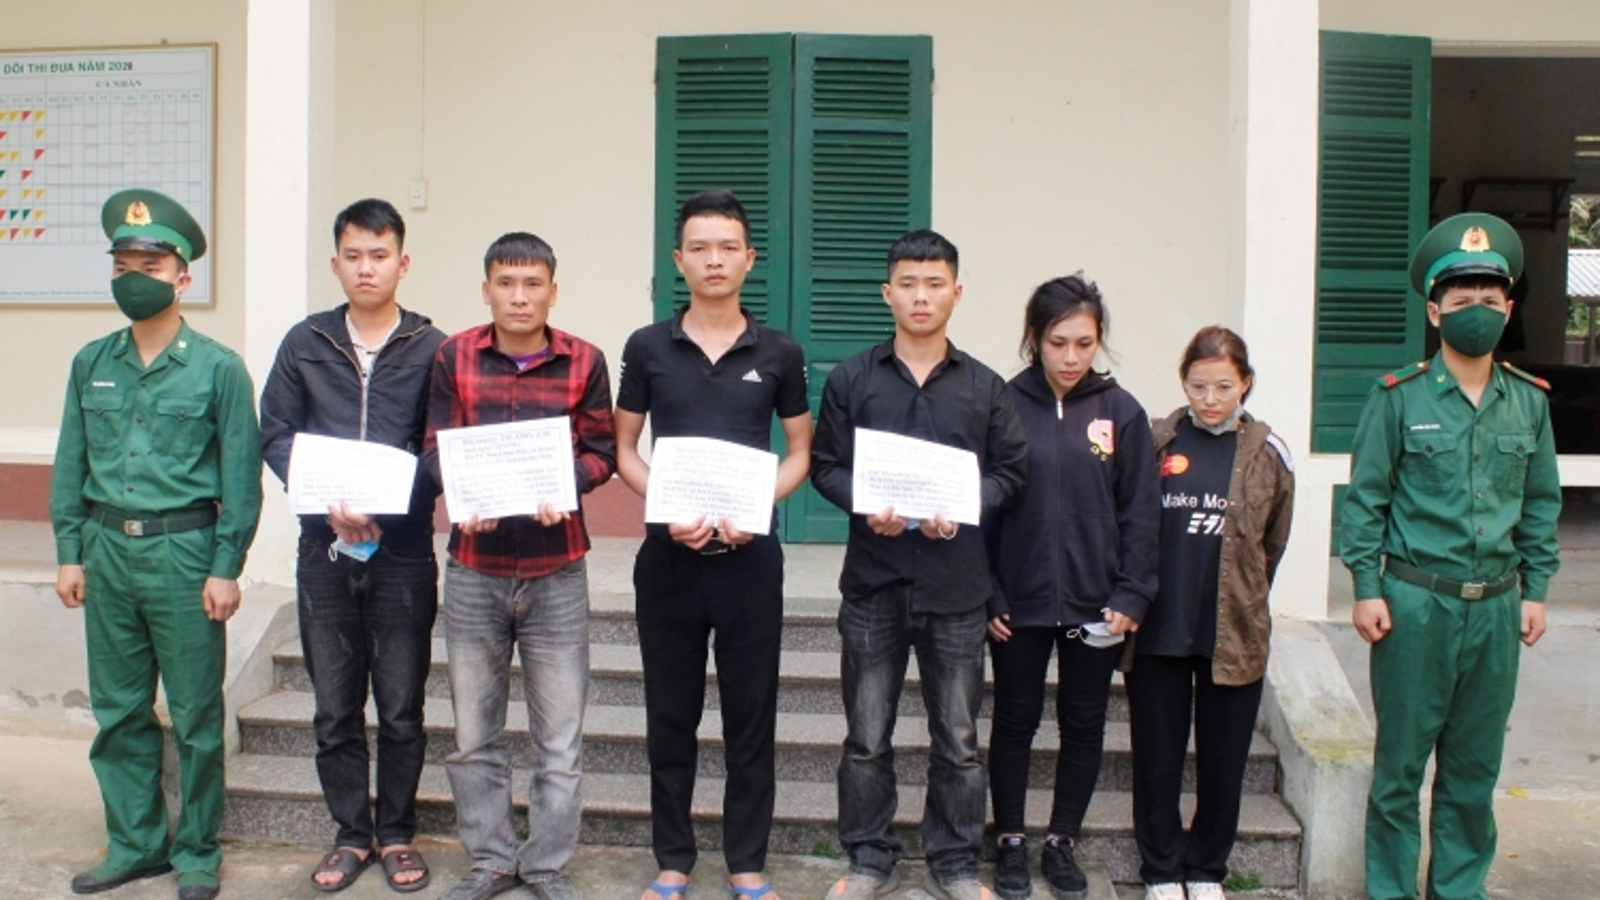 Quảng Ninh bắt giữ nhóm đối tượng tổ chức đưa người xuất cảnh trái phép sang Trung Quốc